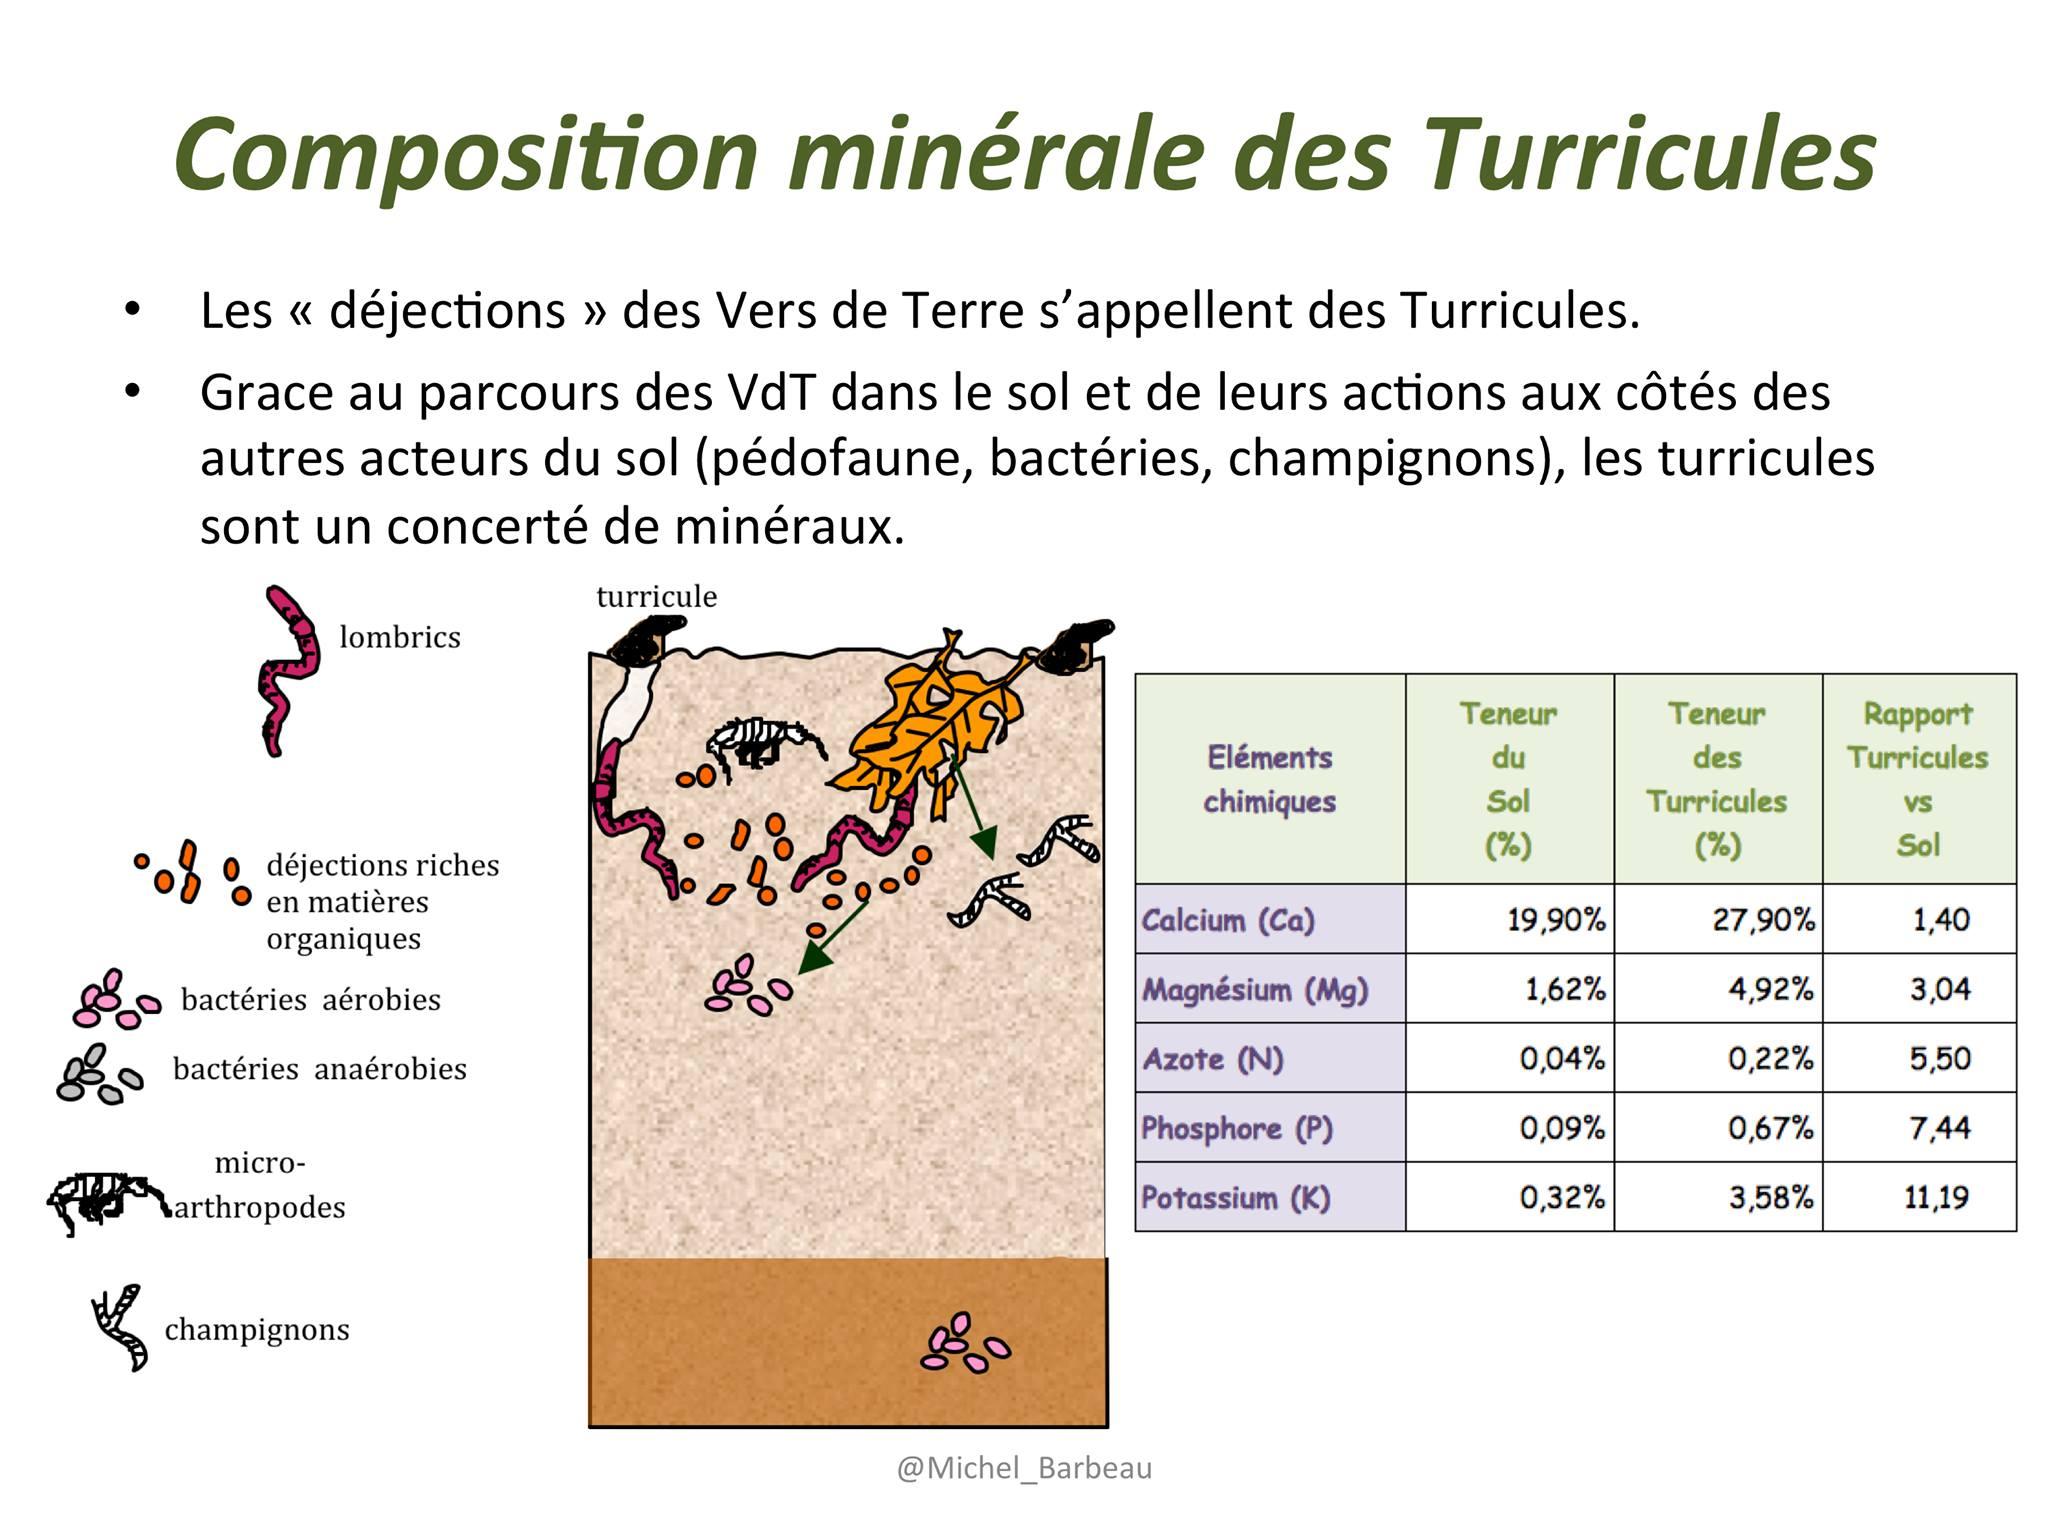 Composition minérale turicules